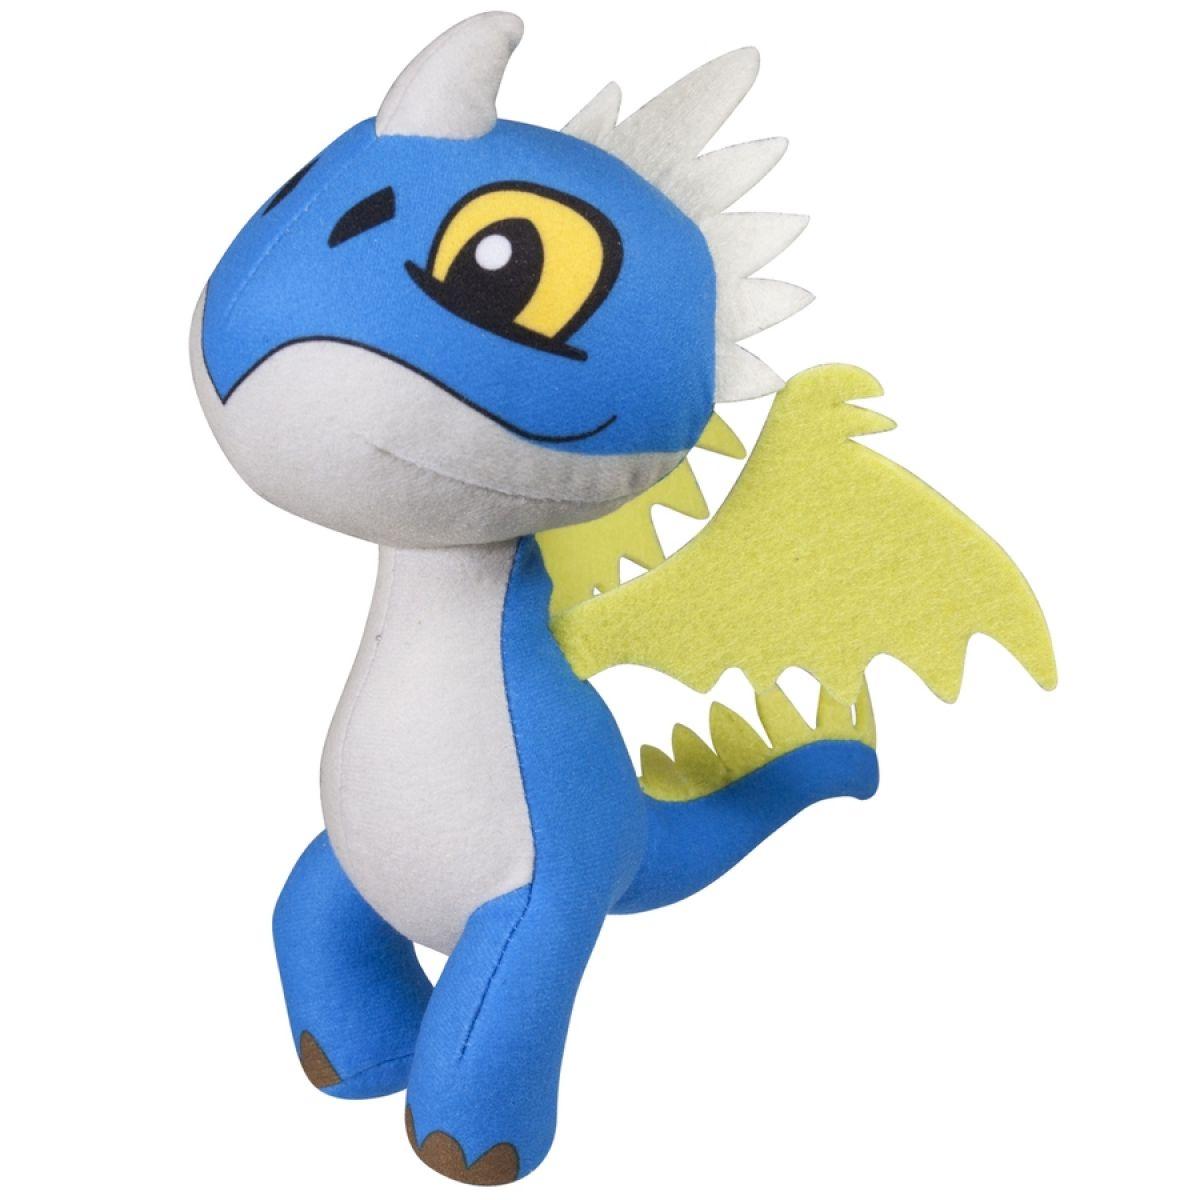 Dragons plyšový drak se zvuky 16 cm - Modrobílá